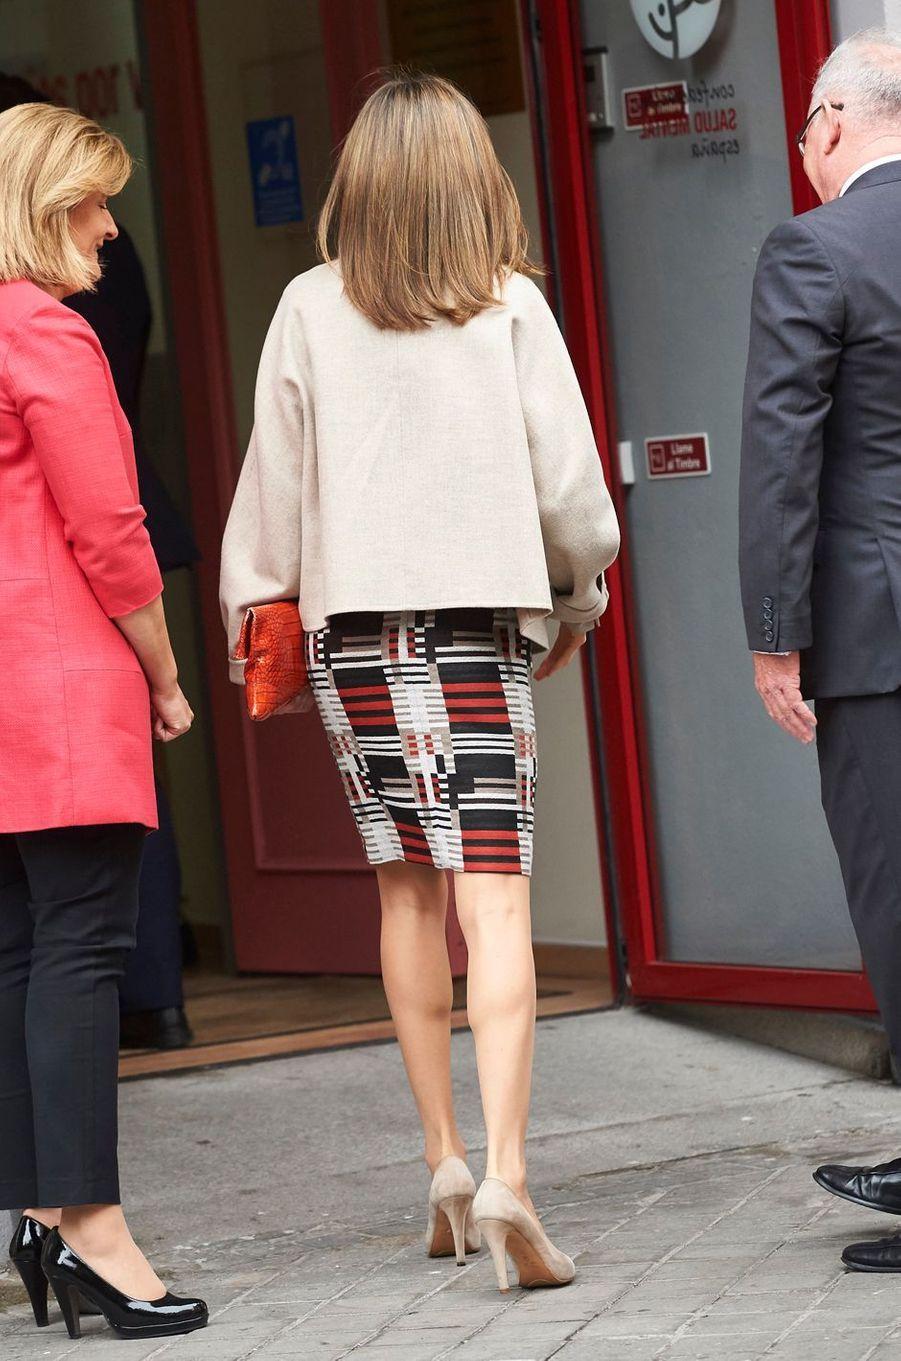 La reine Letizia d'Espagne se rend à une réunion de travail à Madrid, le 18 octobre 2016